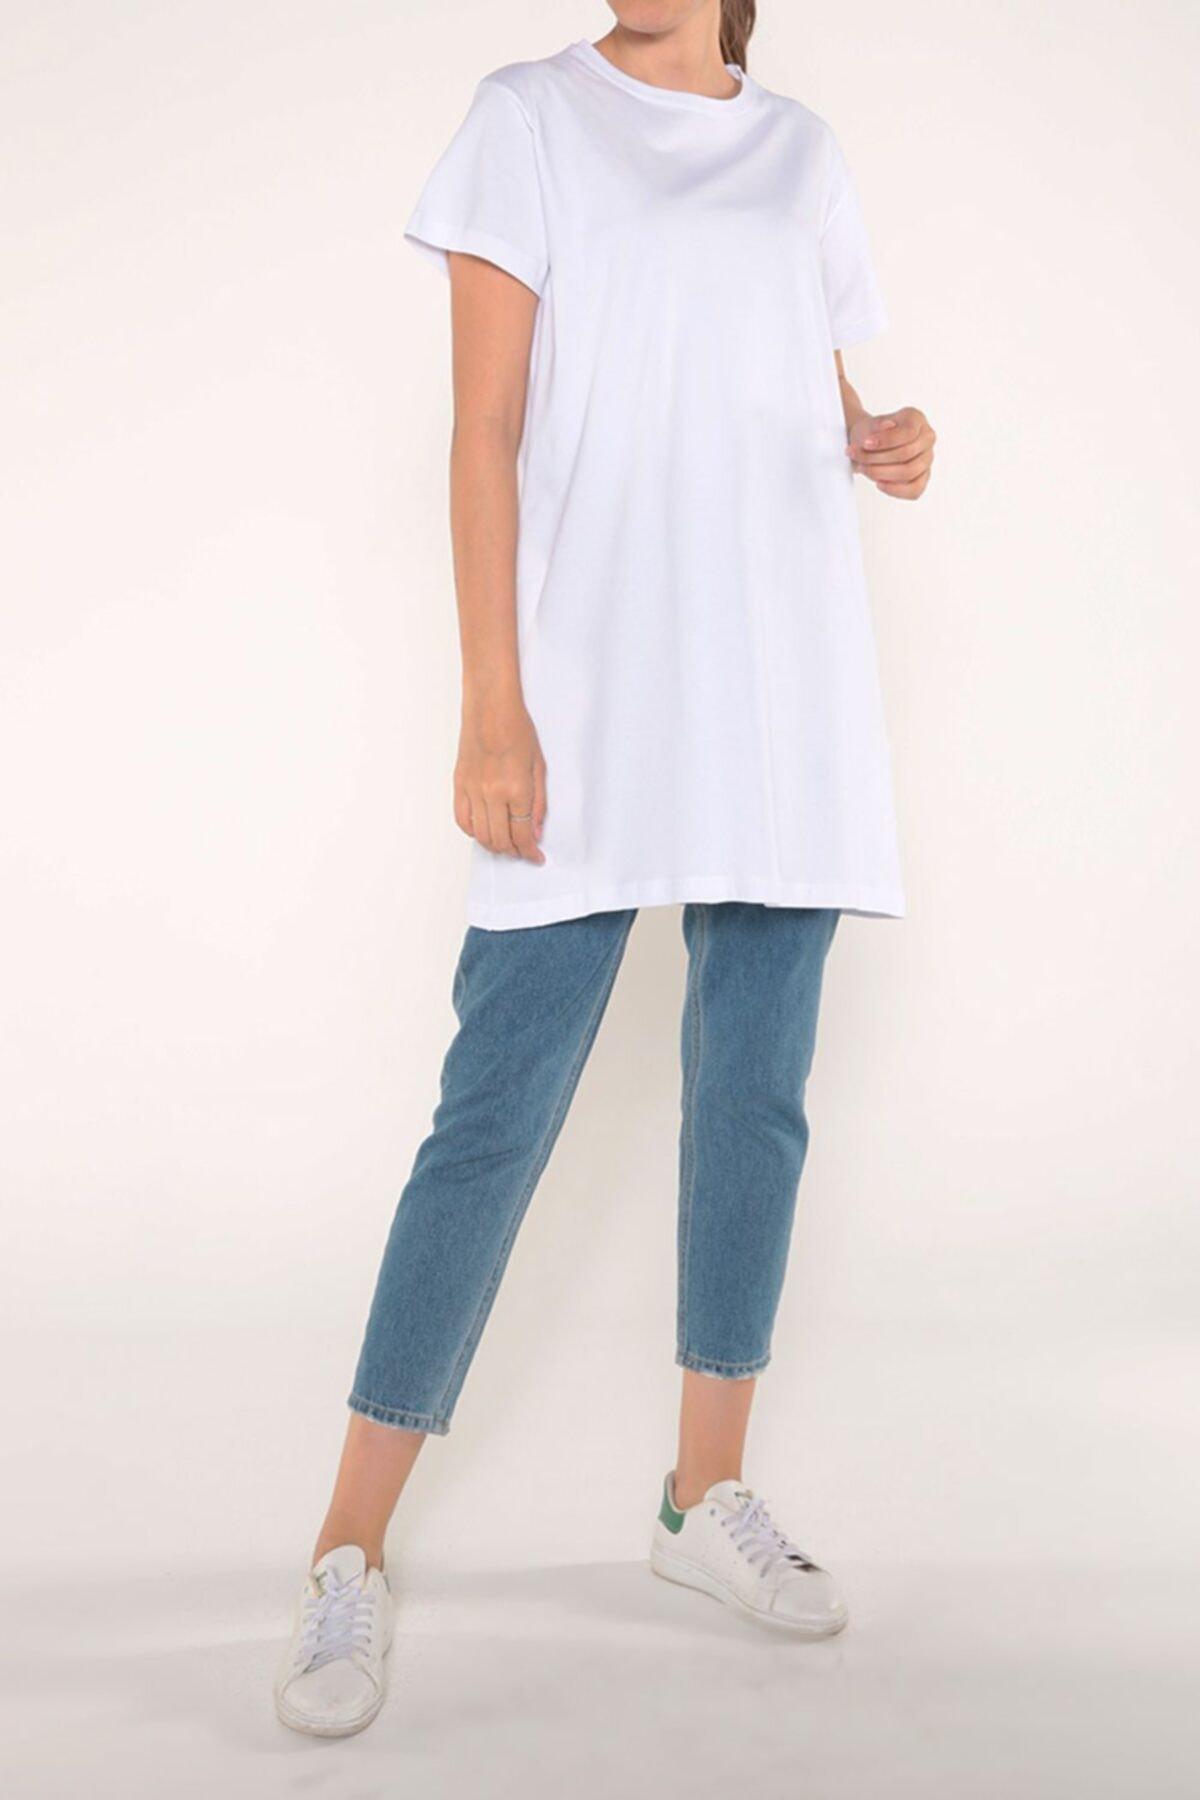 ALLDAY Beyaz Arkası Baskılı Kısa Kol T-shirt 1